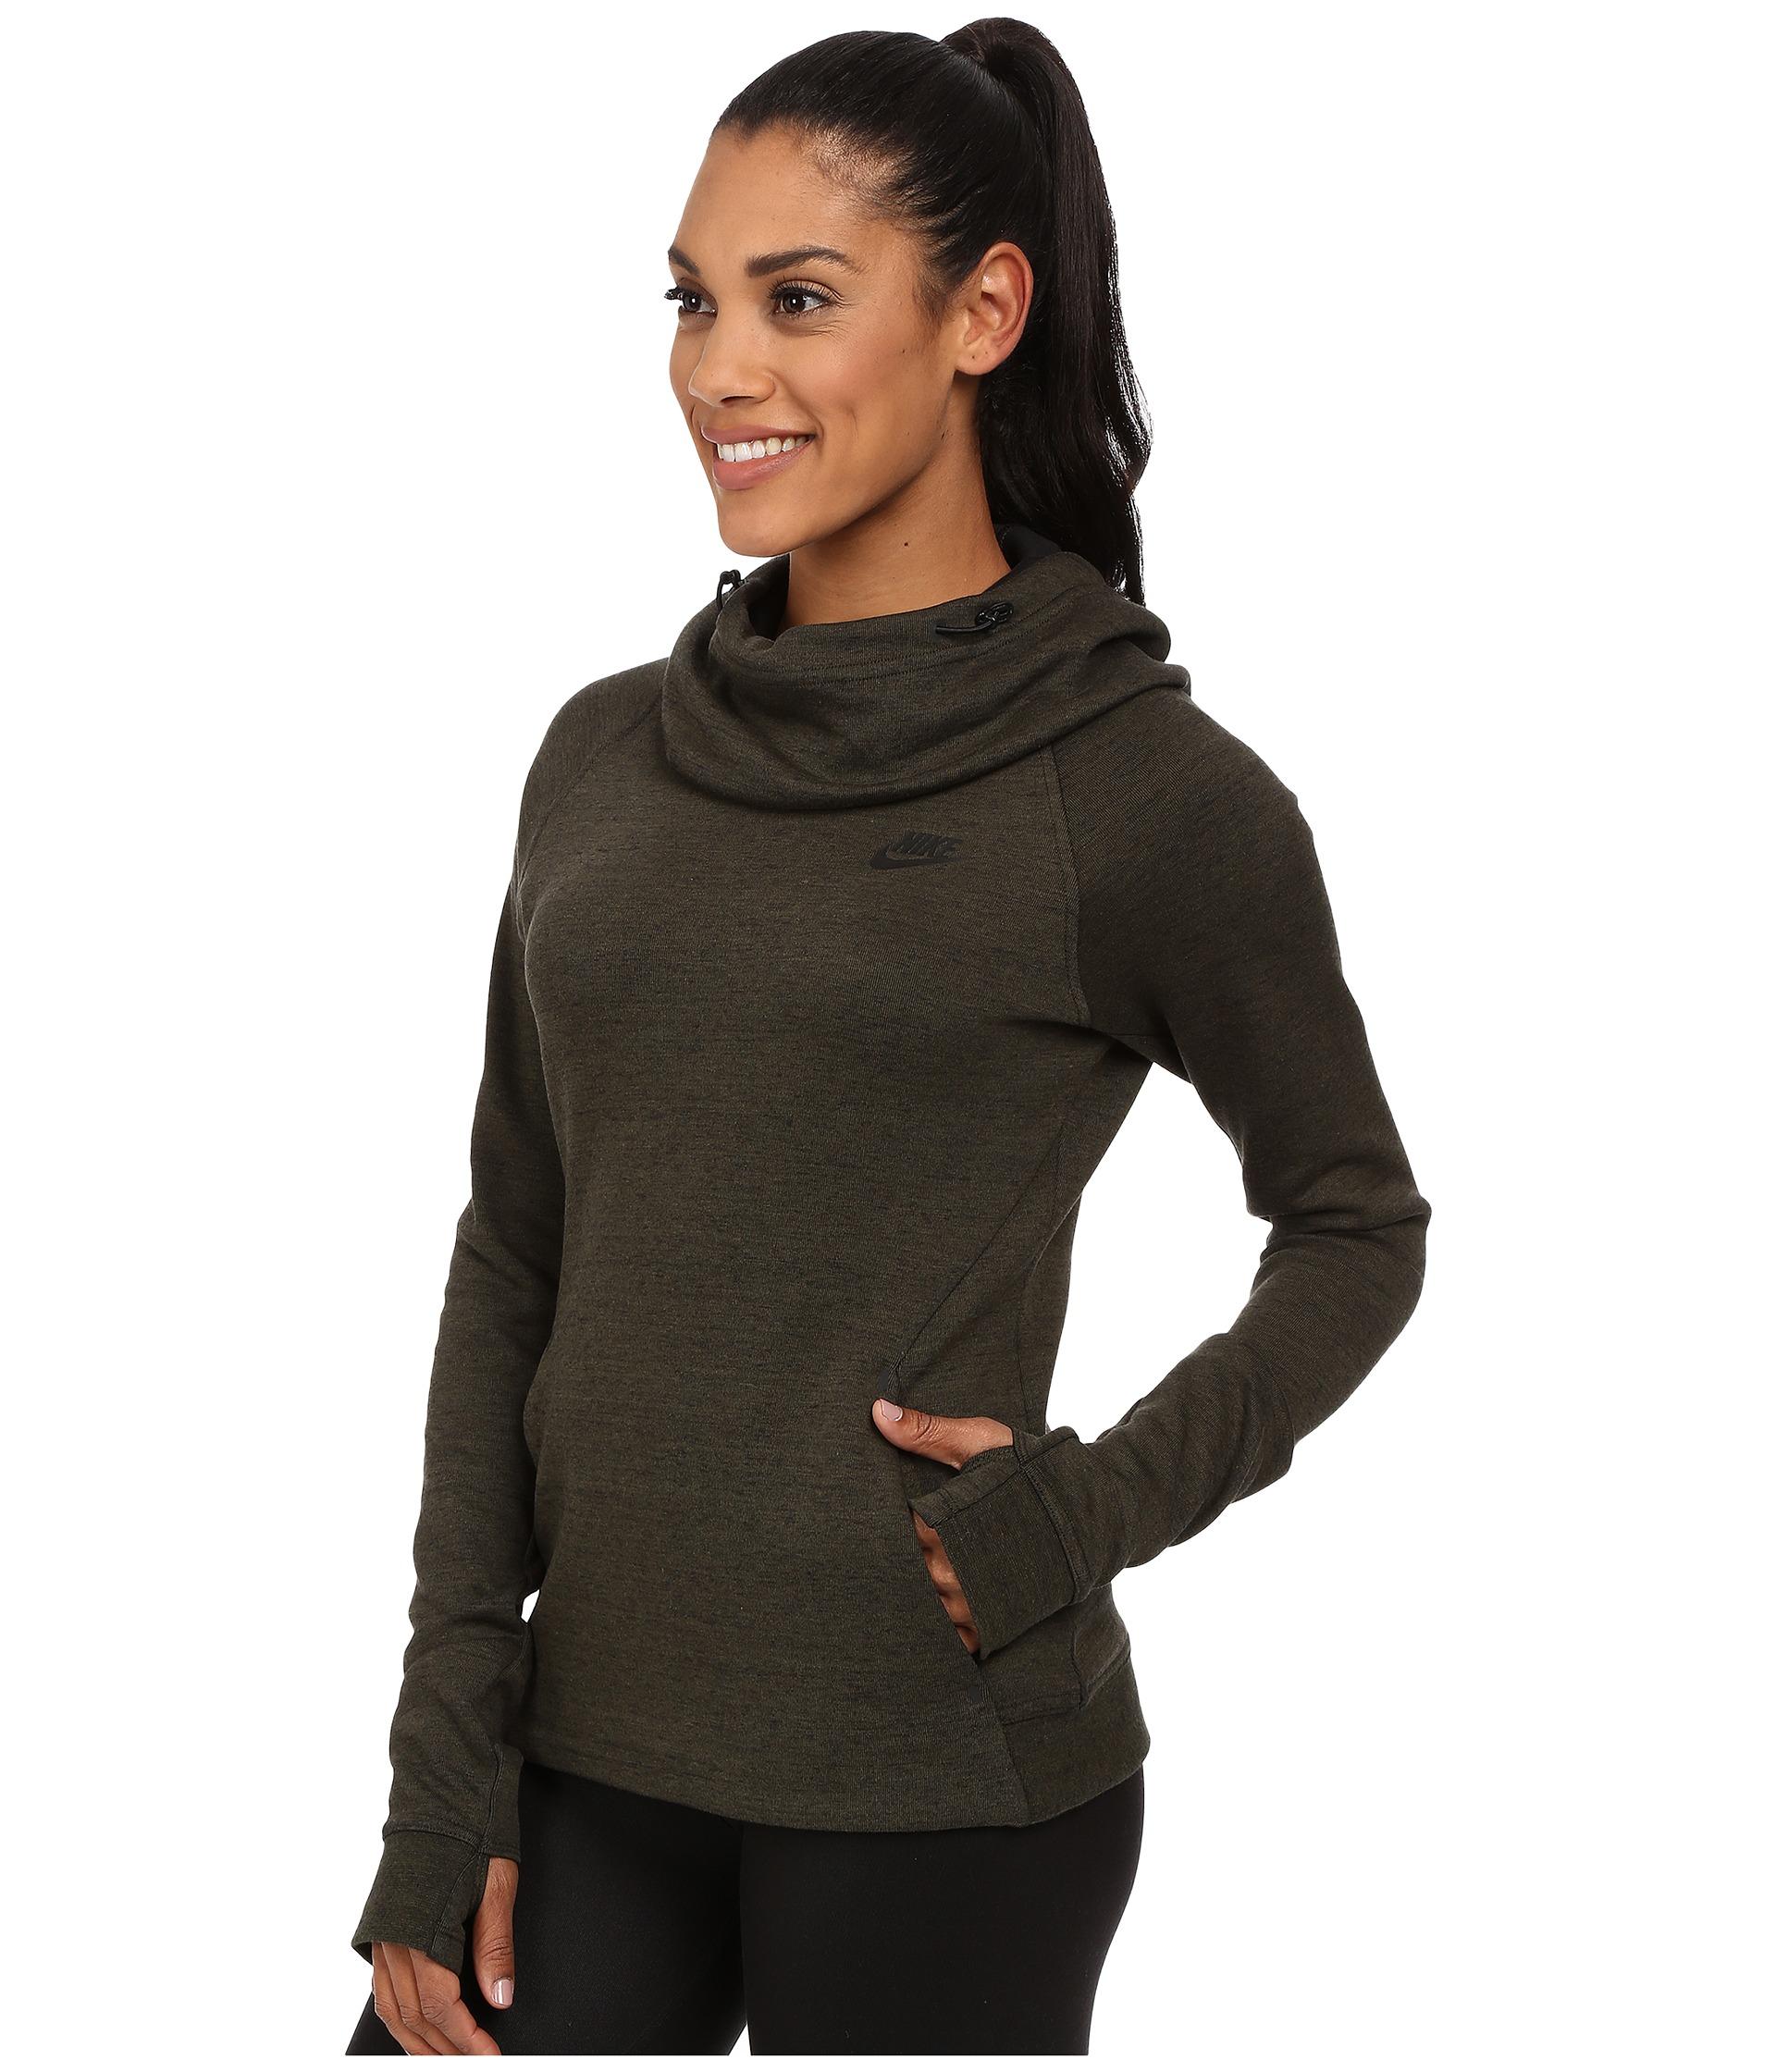 ... sale retailer 46d2b 1e671 Lyst - Nike Tech Fleece Hoodie in Brown ... 6d855167b0